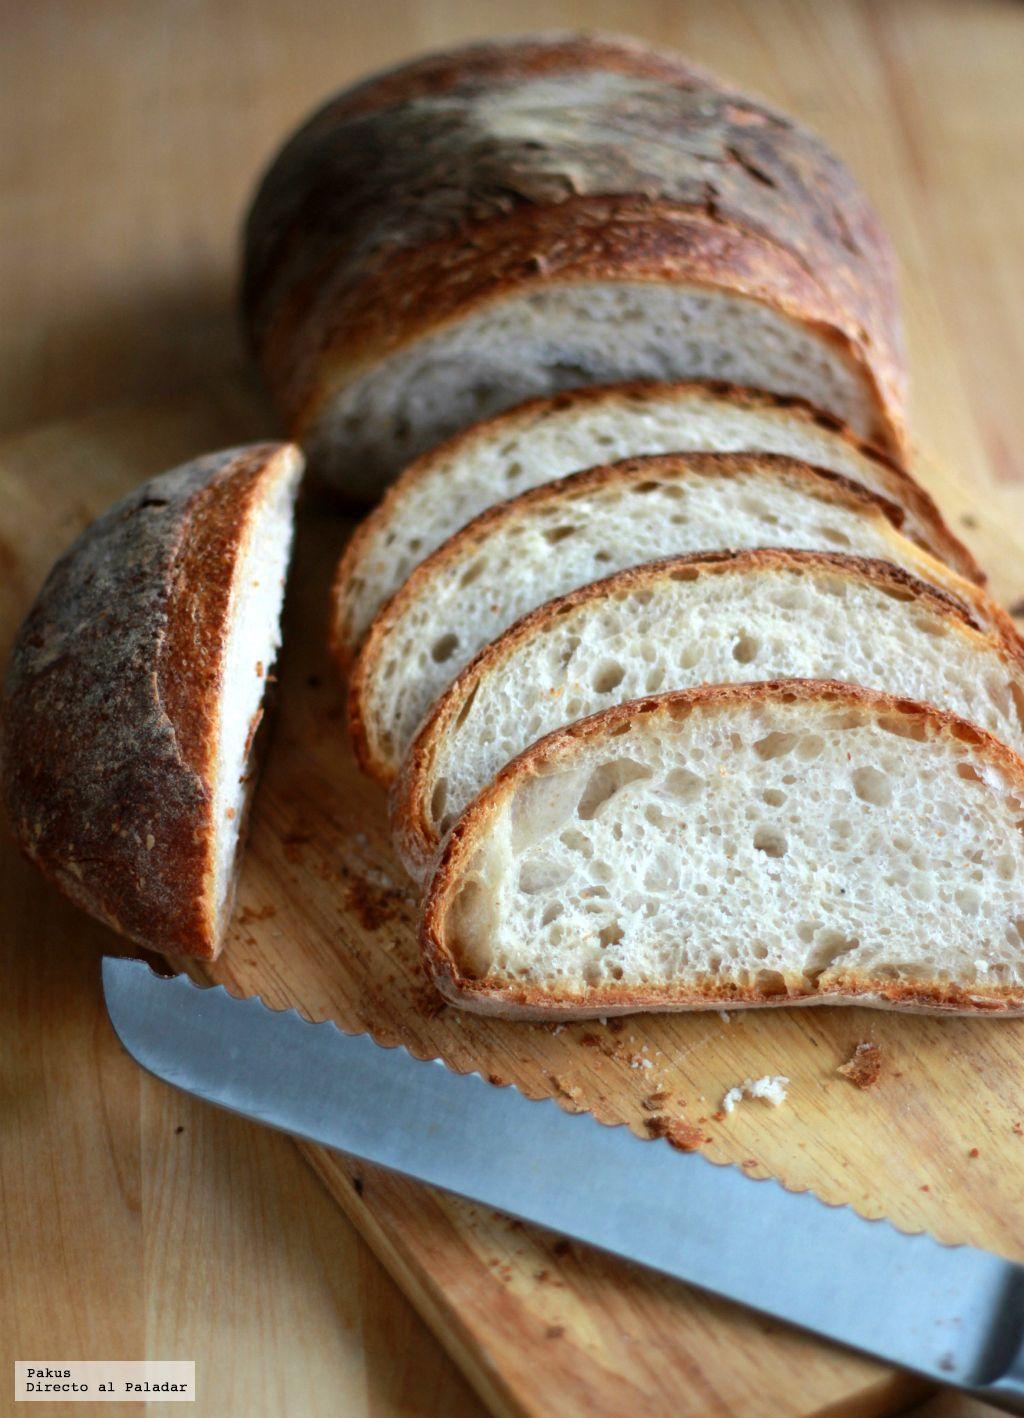 Hacer el pan en casa es una de las labores más agradecidas de la cocina. Por eso, cada semana procuro hacer pan algún día, en especial desde que...